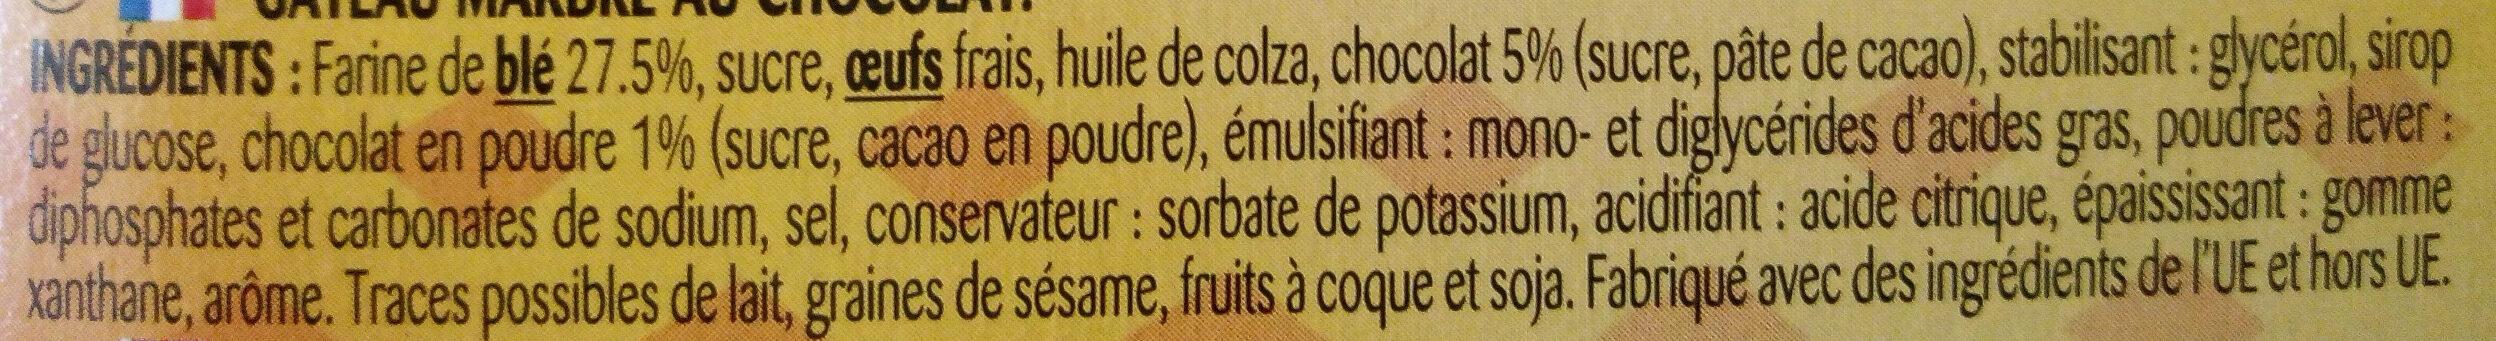 Le marbré au chocolat - Ingrédients - fr